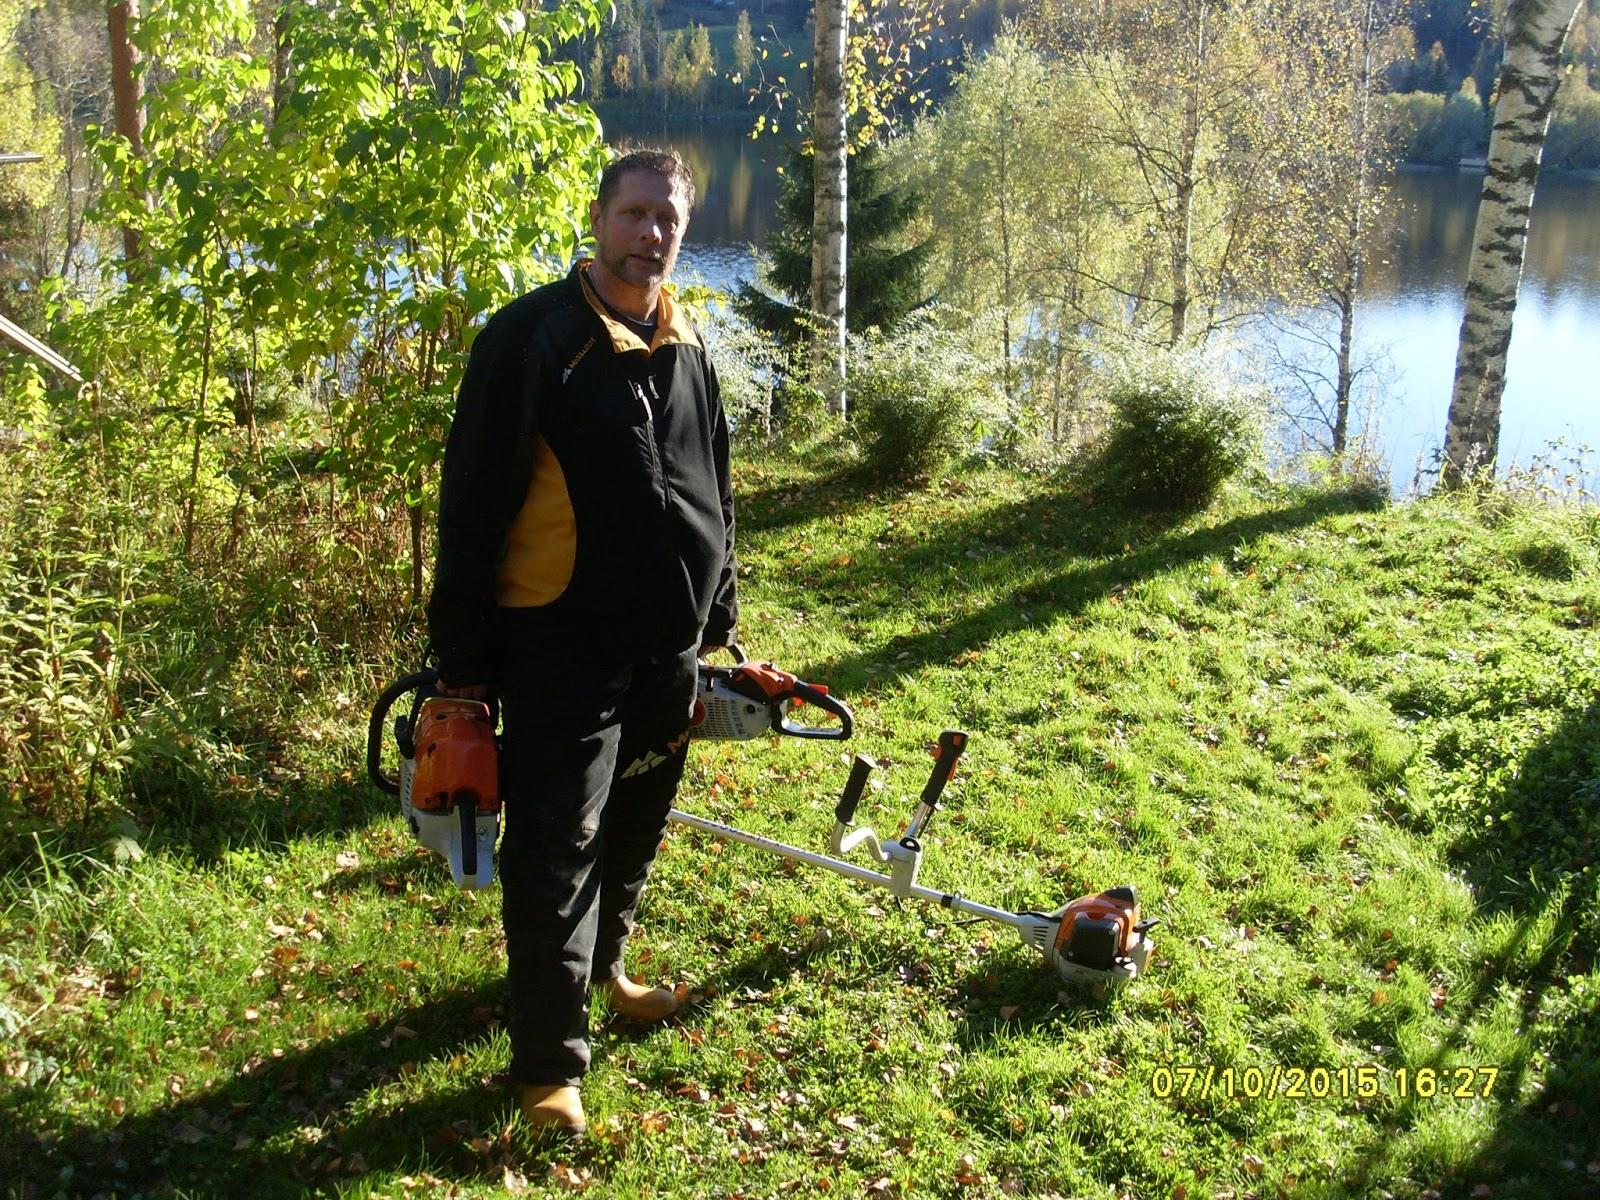 Talkkaripalvelut lumenluonti puunkaato tavoitettavissa sähköpostin kautta Tampereella: Reippaat ...